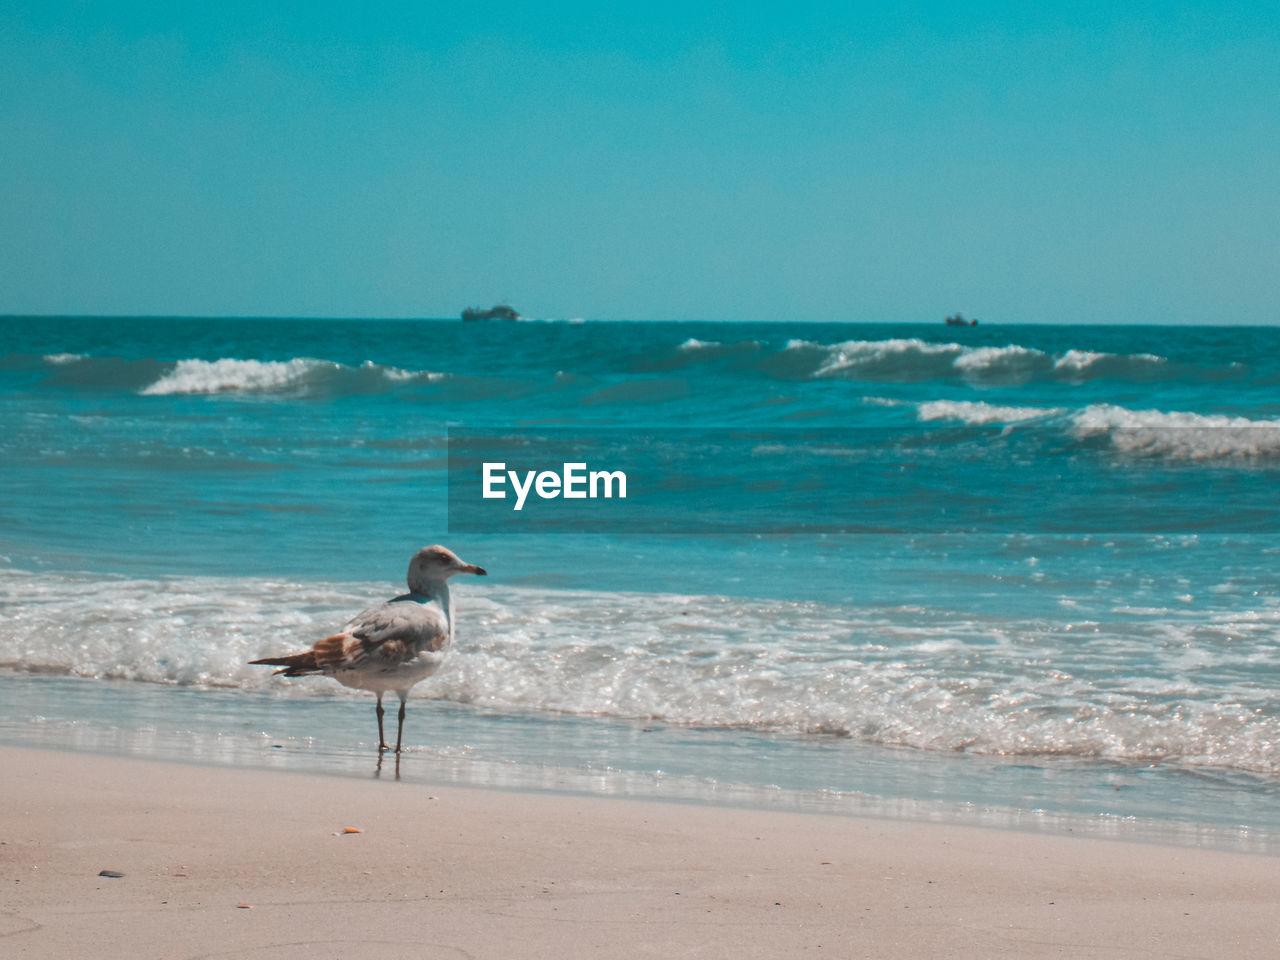 SEAGULL ON BEACH AGAINST THE SKY